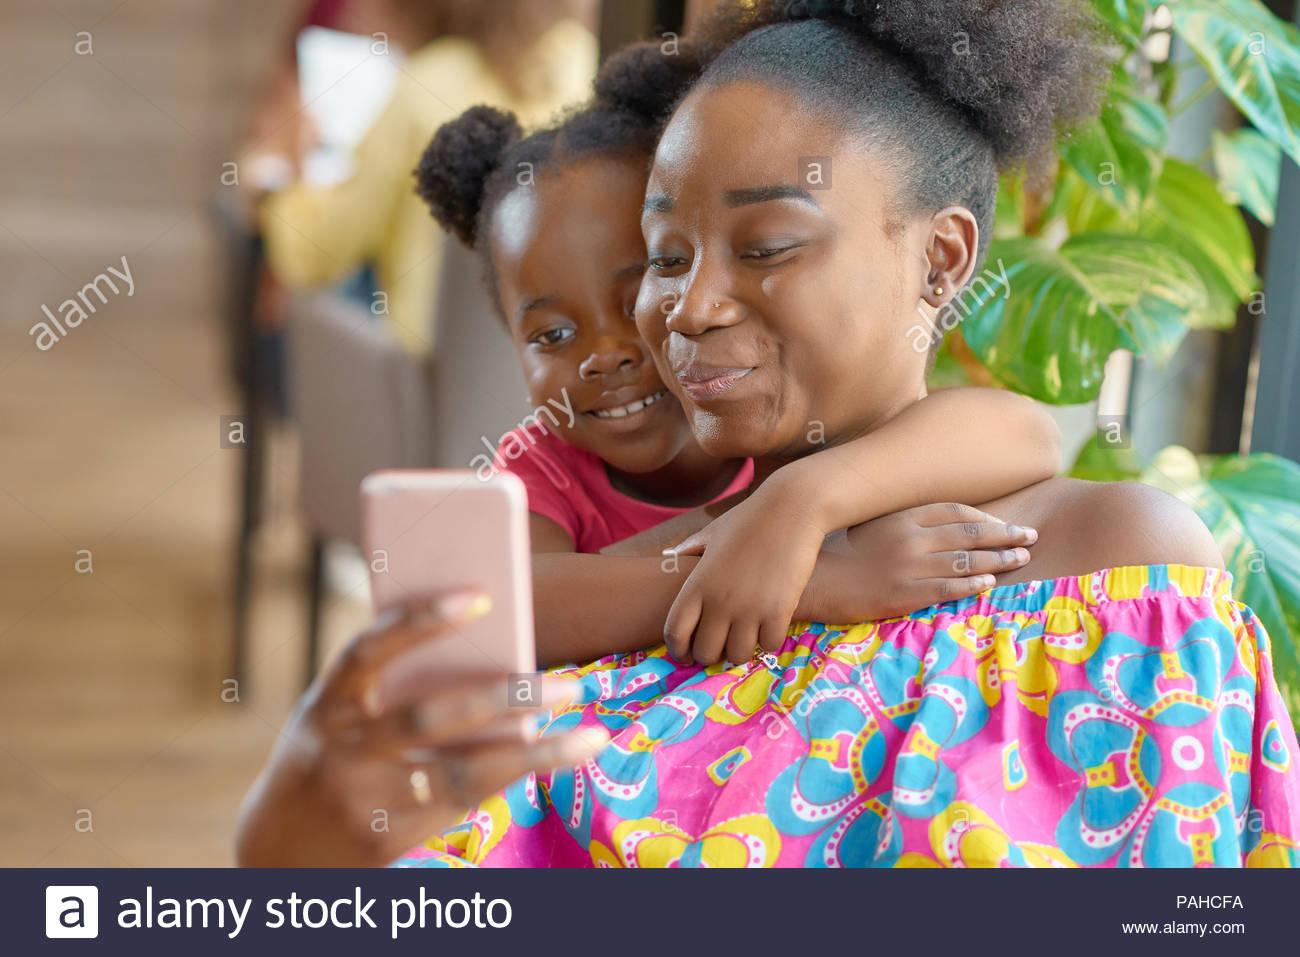 Teniendo selfie madre sonriente con su linda hija. Mirando el smartphone, sentirse feliz, satisfecho, relajado. Abrazos, preciosa foto de familia. Tener un buen tiempo. Sentado en la cafetería. Imagen De Stock